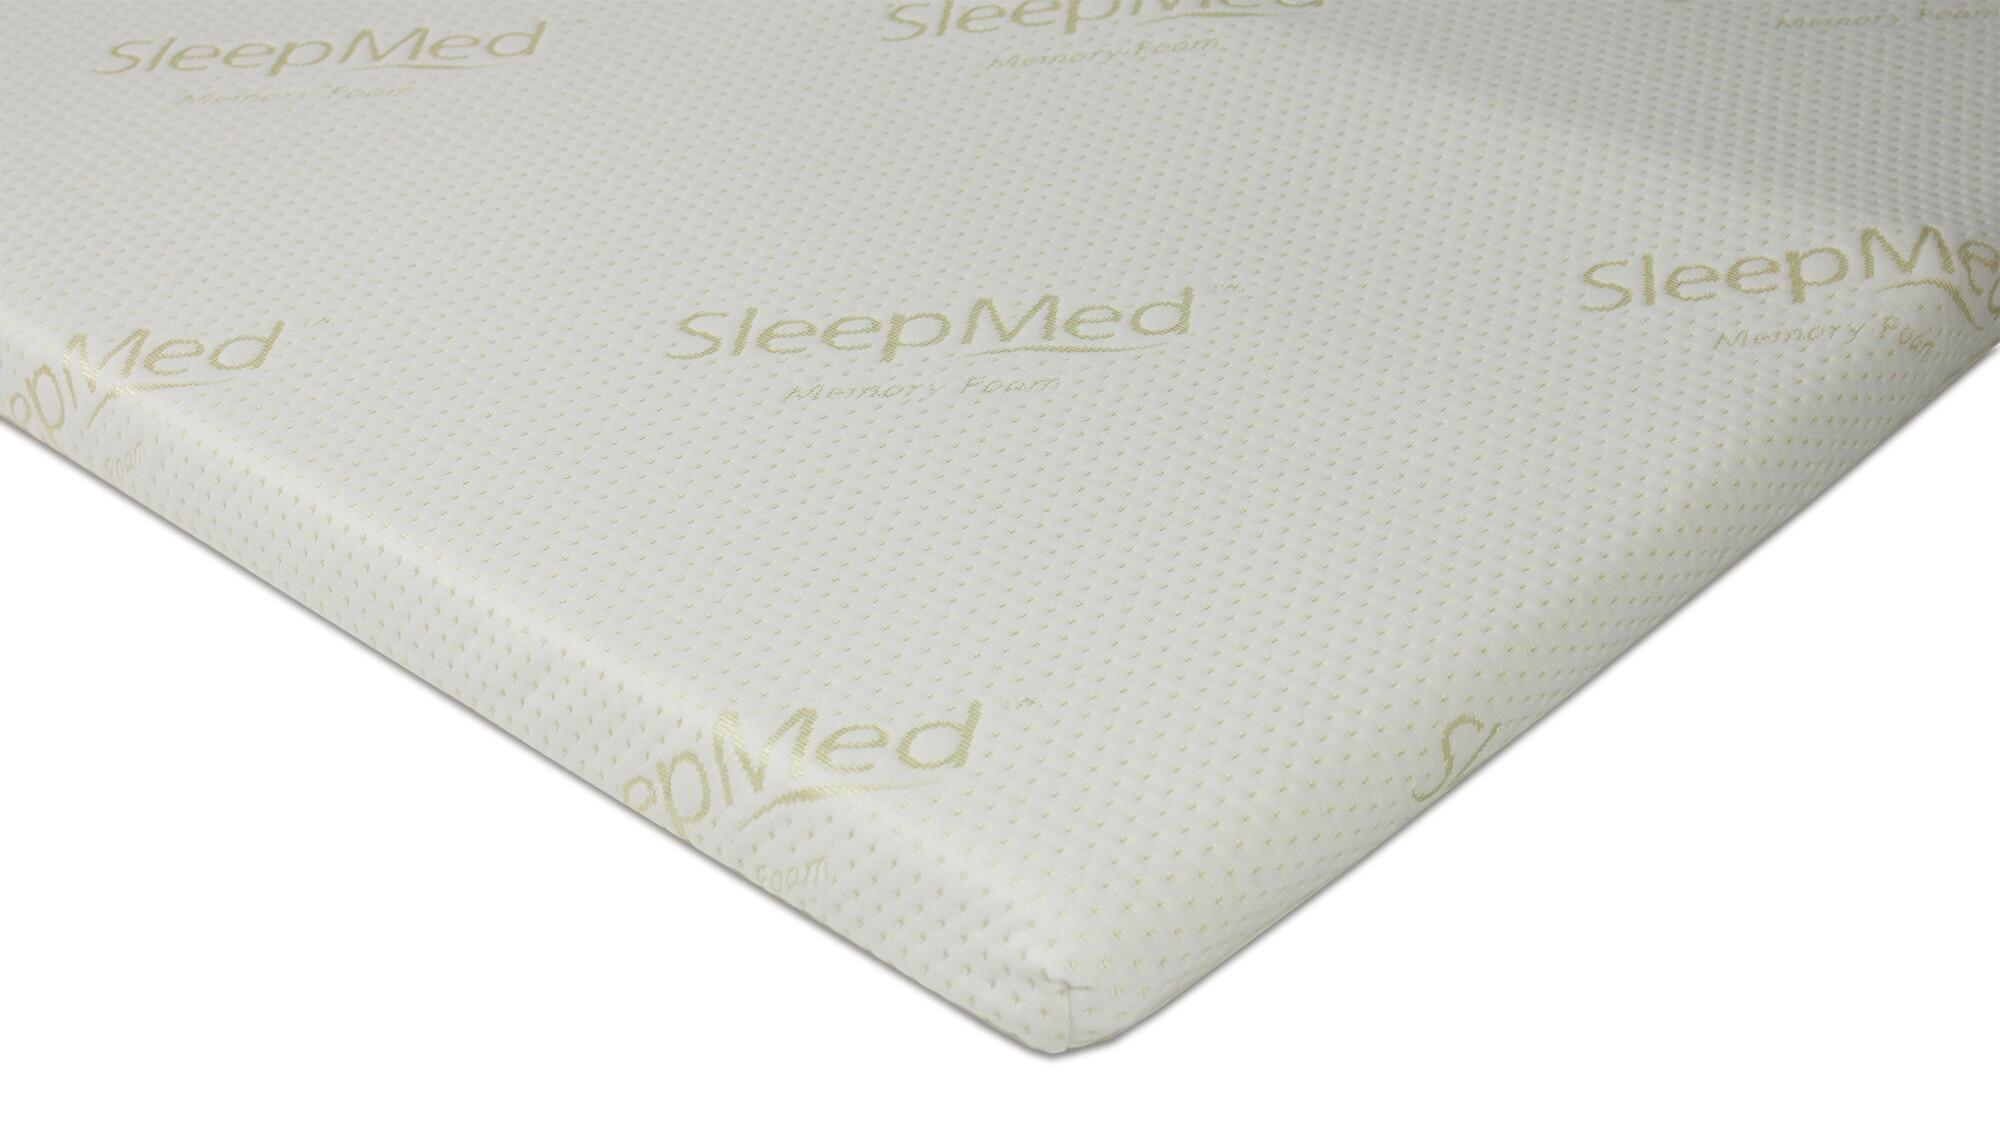 sleepmed memory foam topper super single furniture. Black Bedroom Furniture Sets. Home Design Ideas